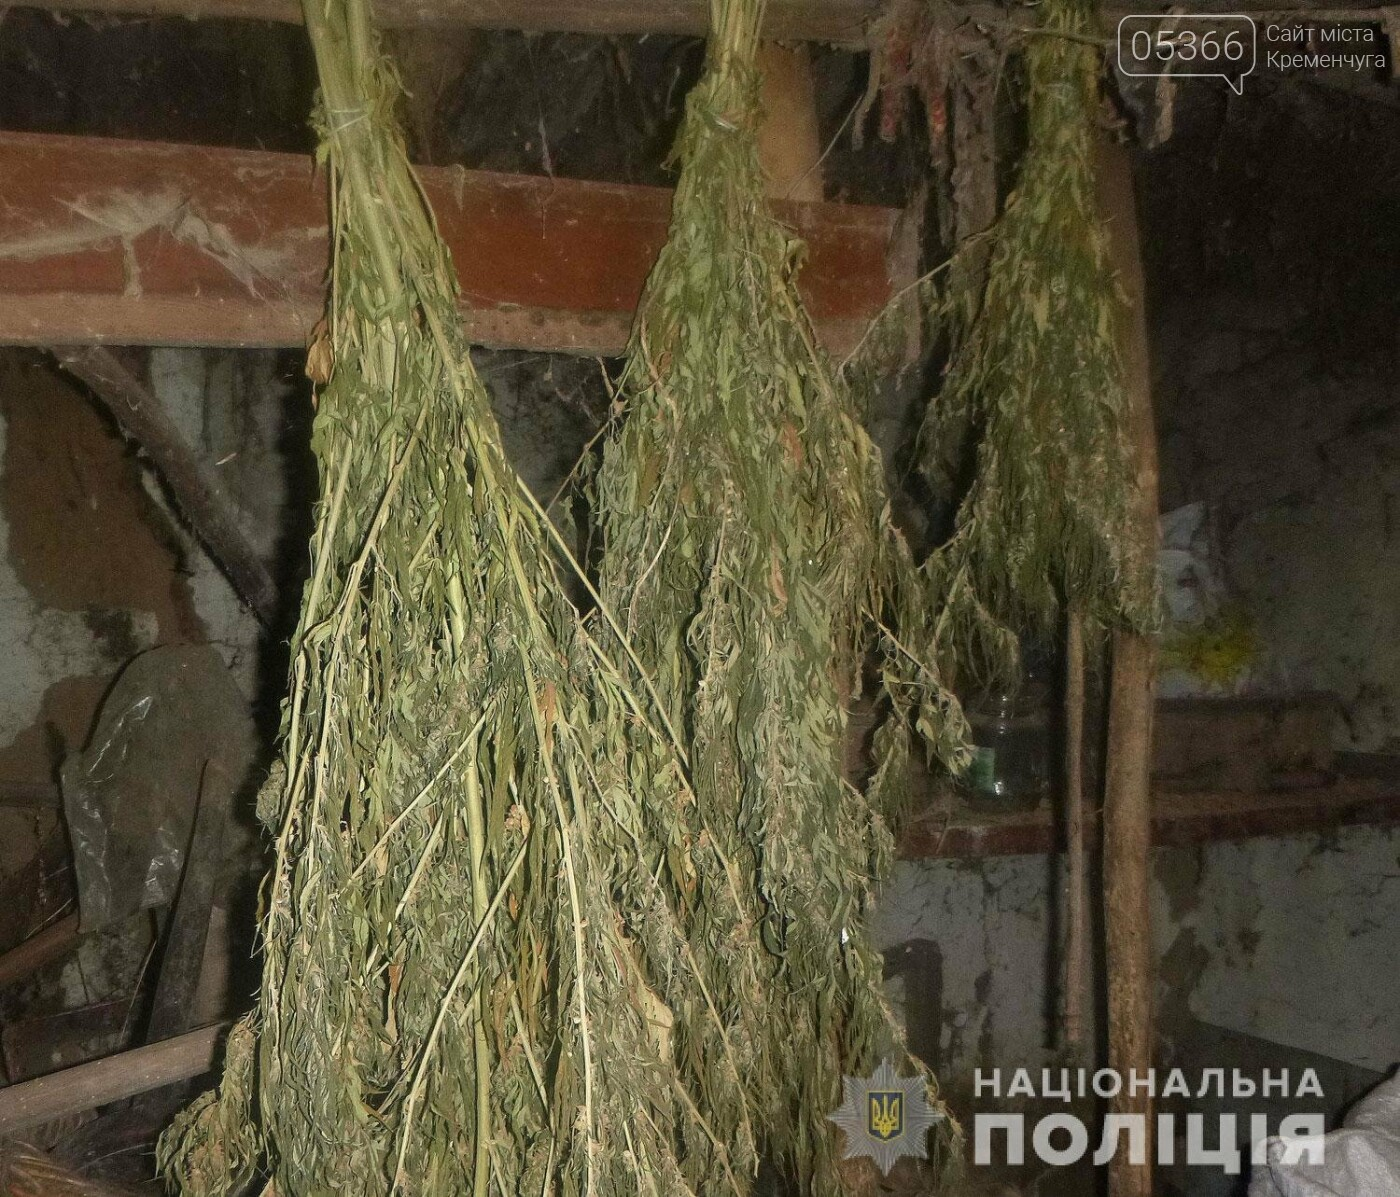 У чоловіка на Полтавщині знайшли кілька сотень конопель, фото-3